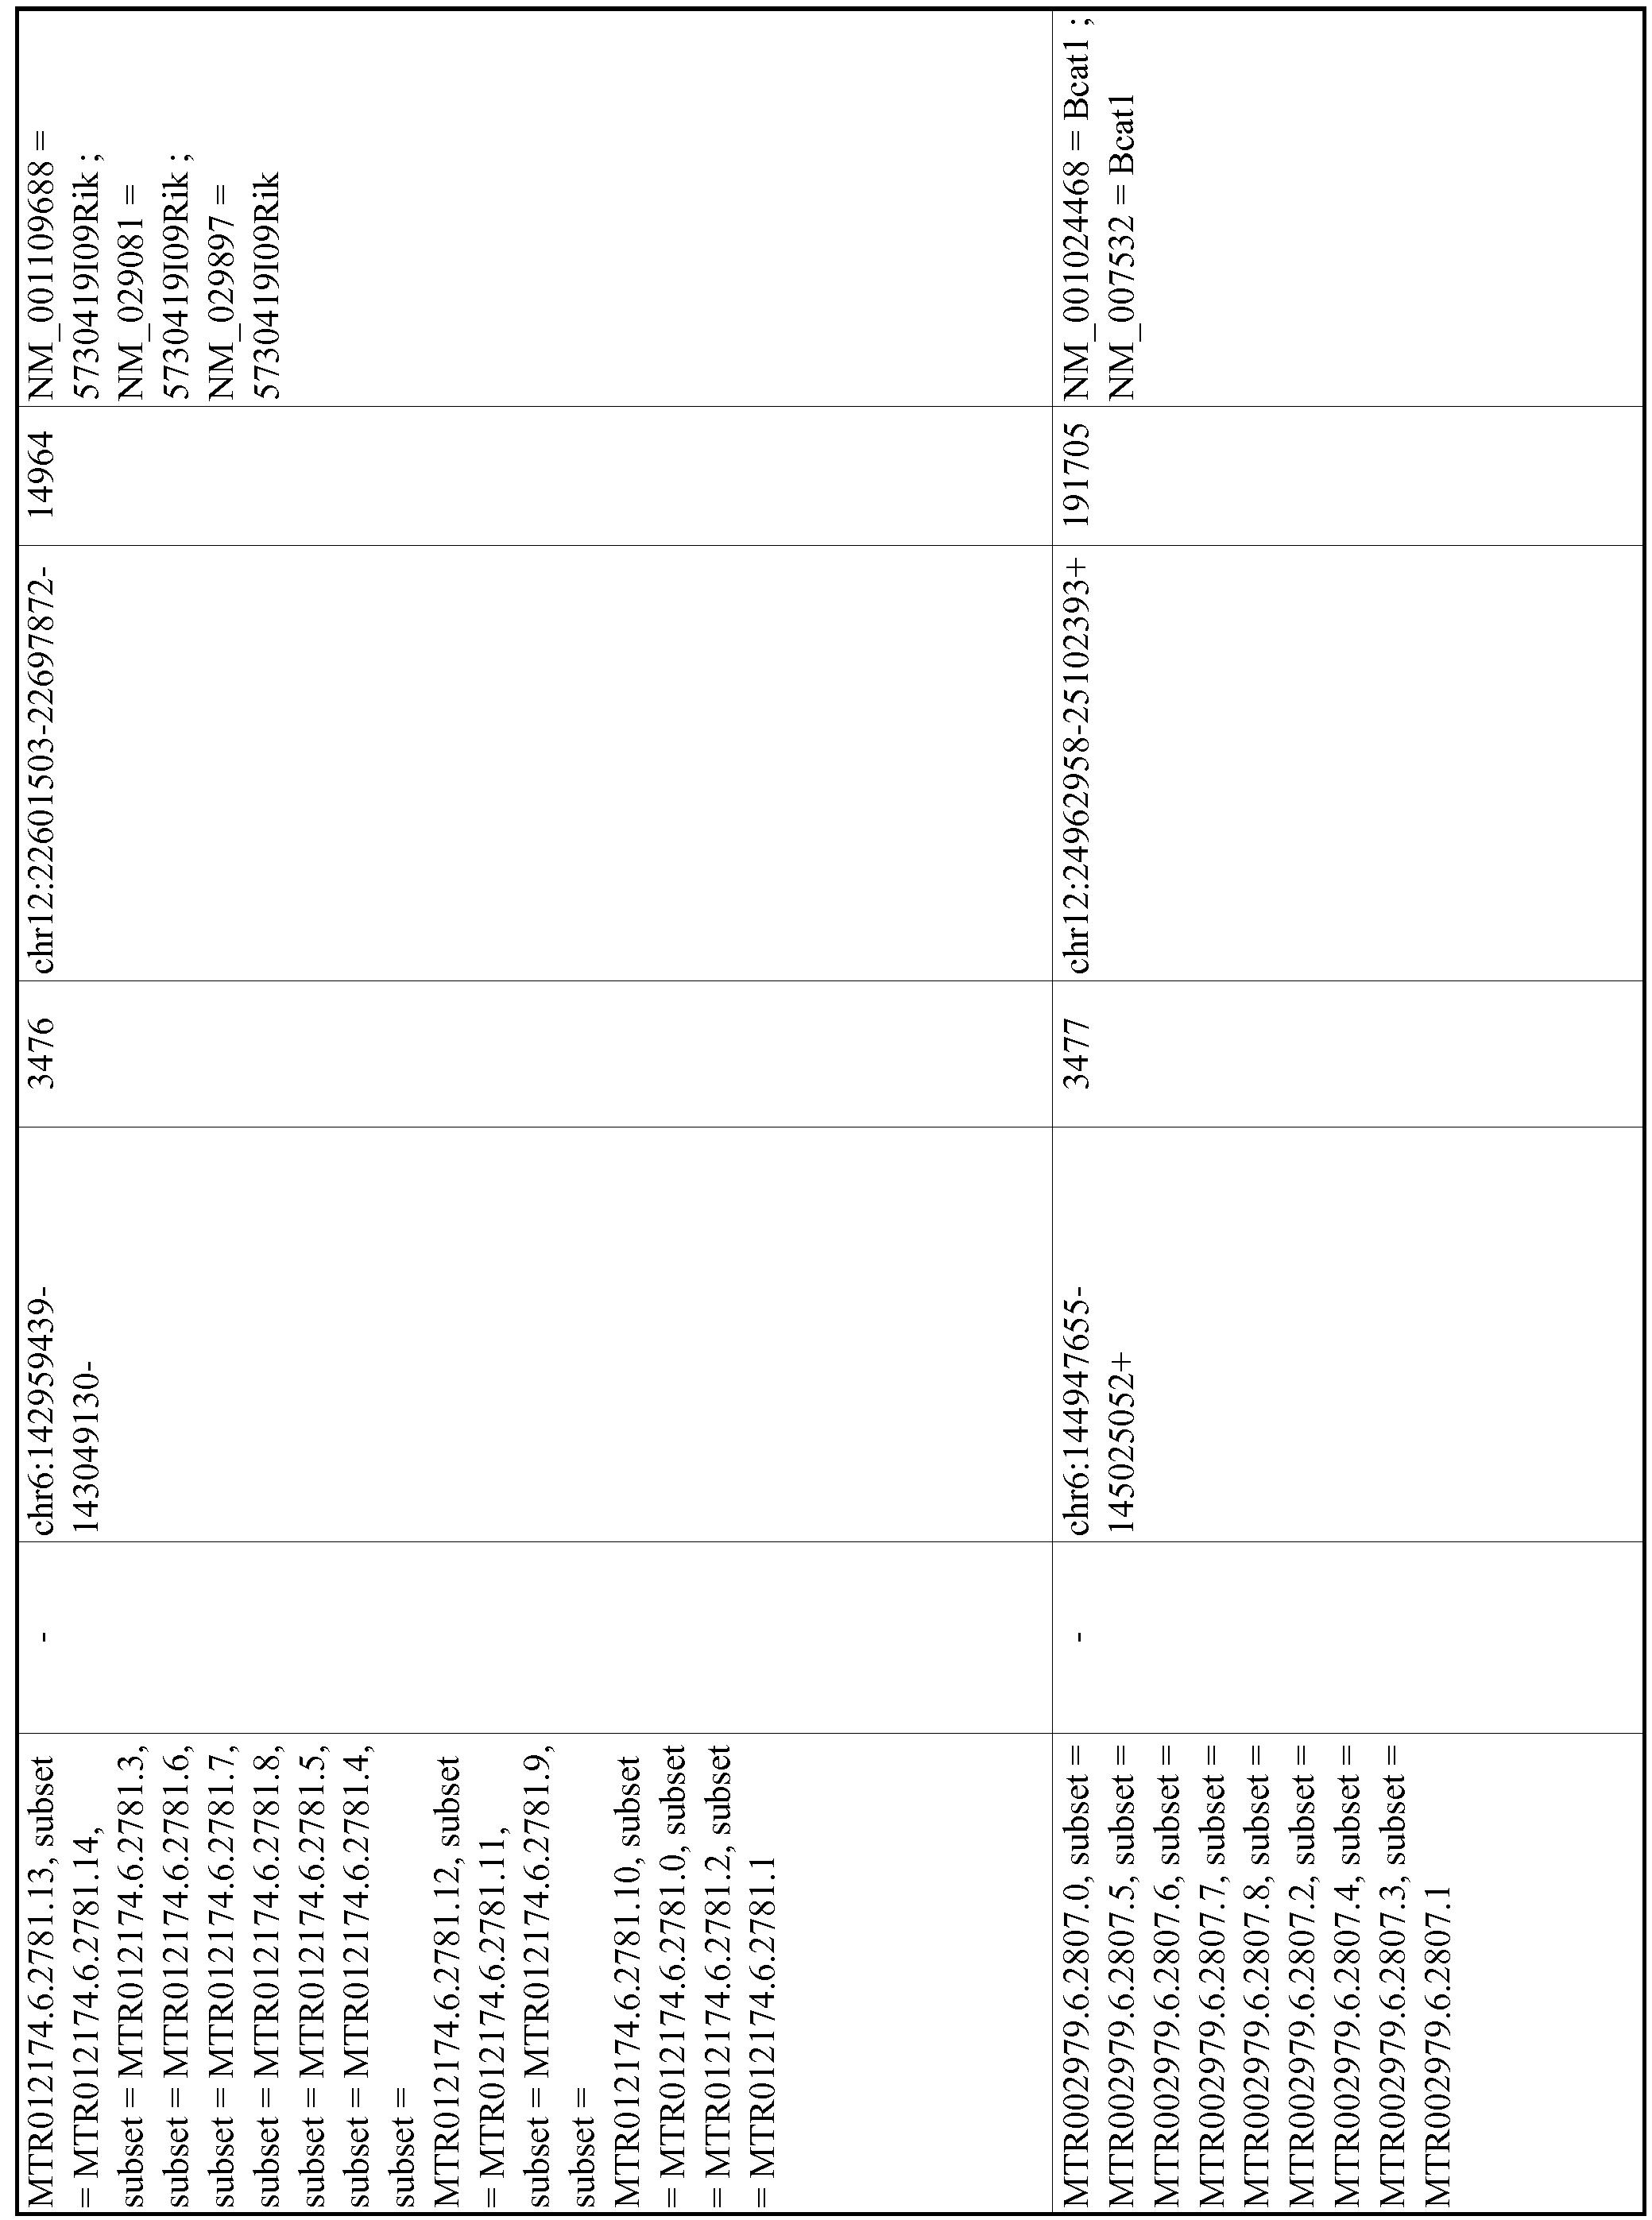 Figure imgf000685_0001